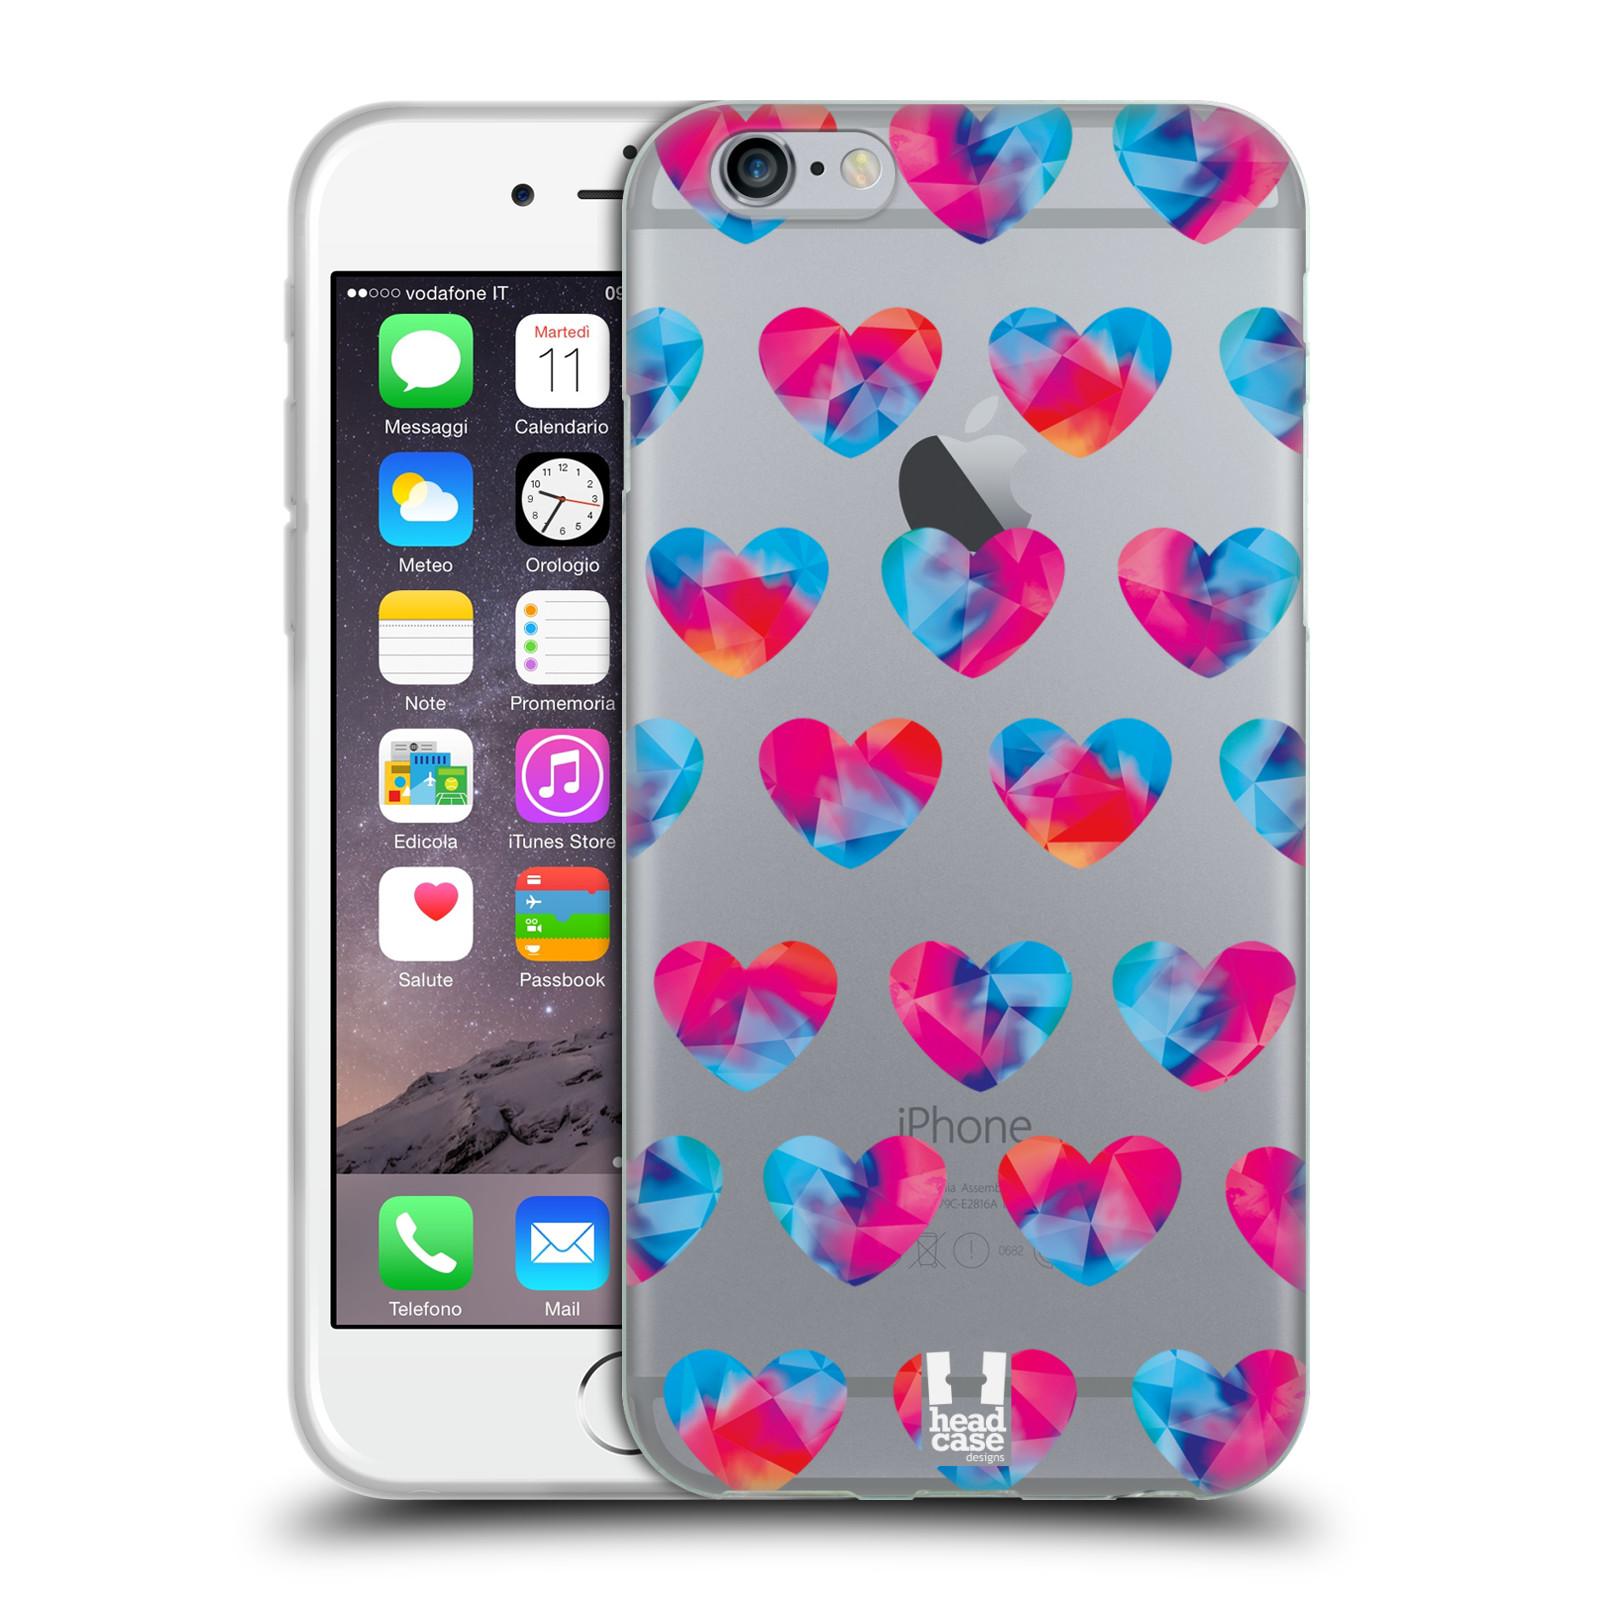 Silikonové pouzdro na mobil Apple iPhone 6 - Head Case - Srdíčka hrající barvami